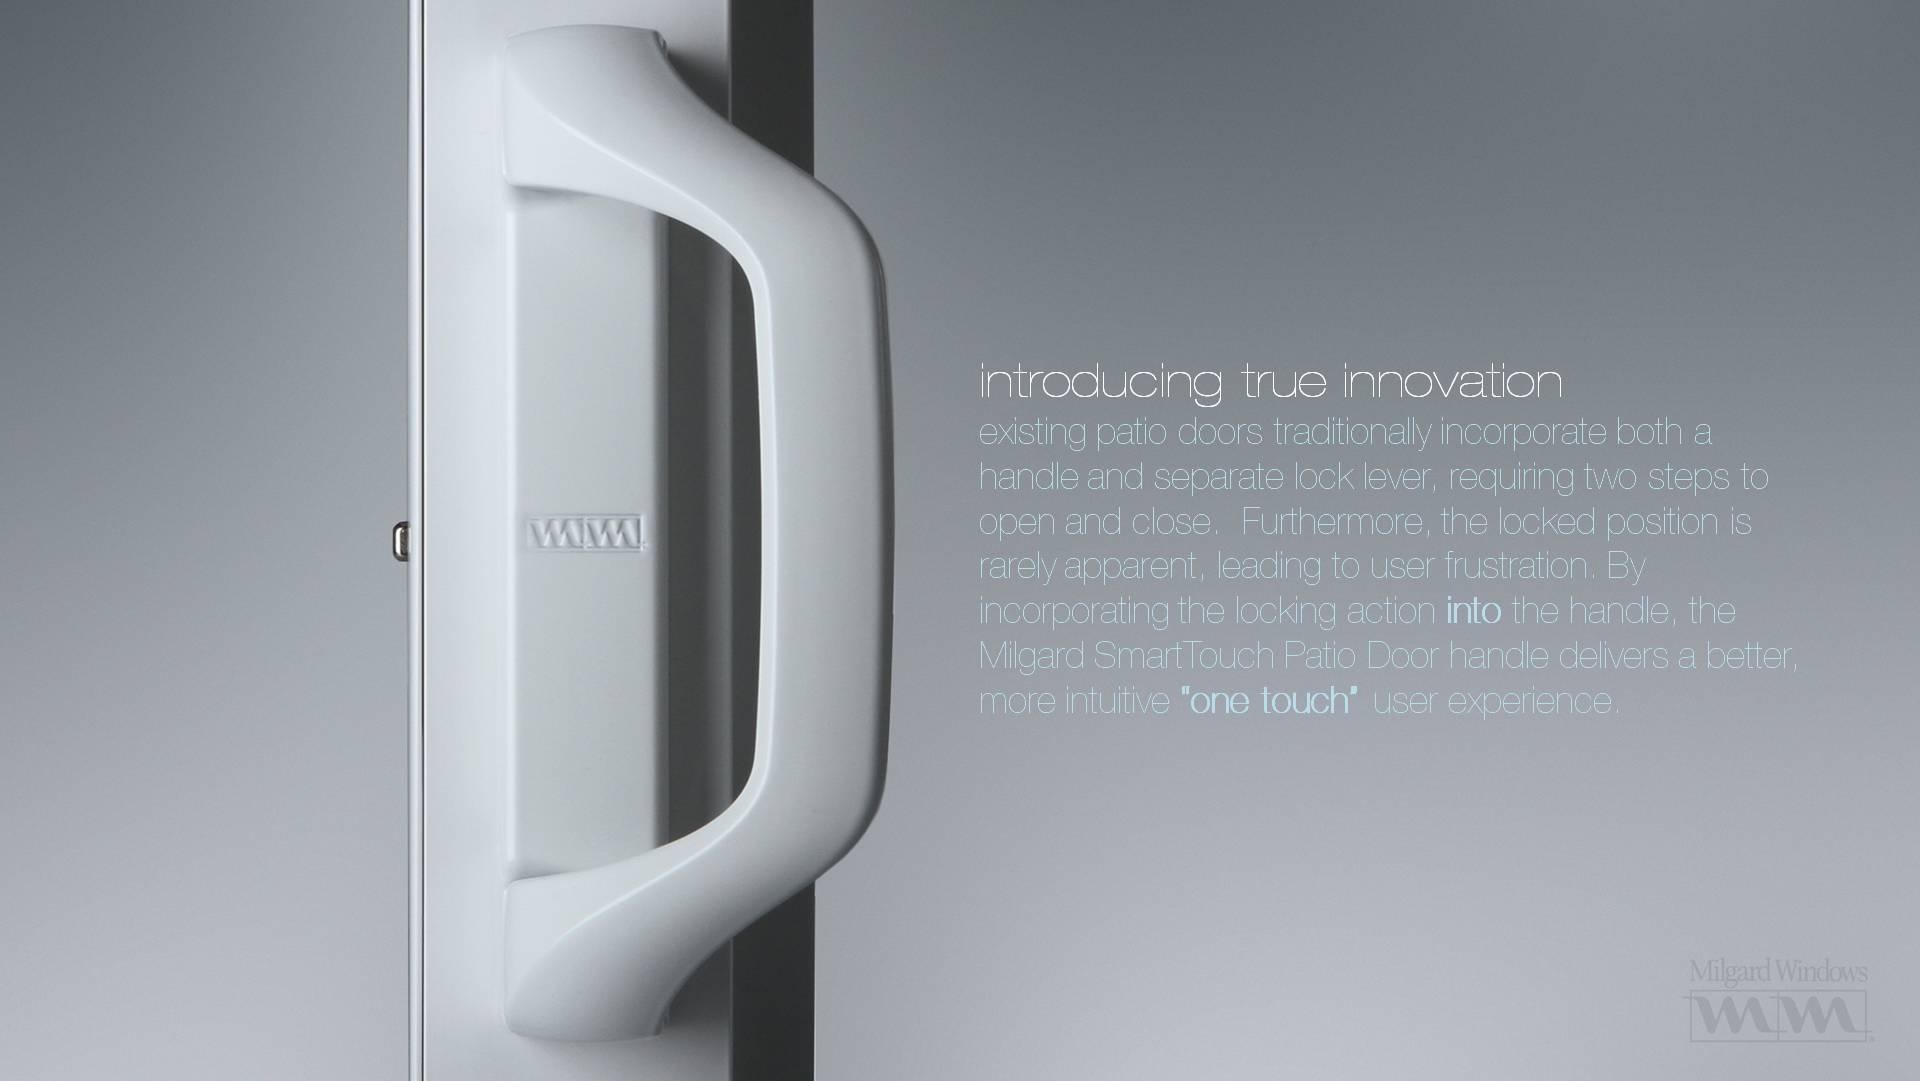 Milgard Sliding Glass Door Handle1920 X 1081